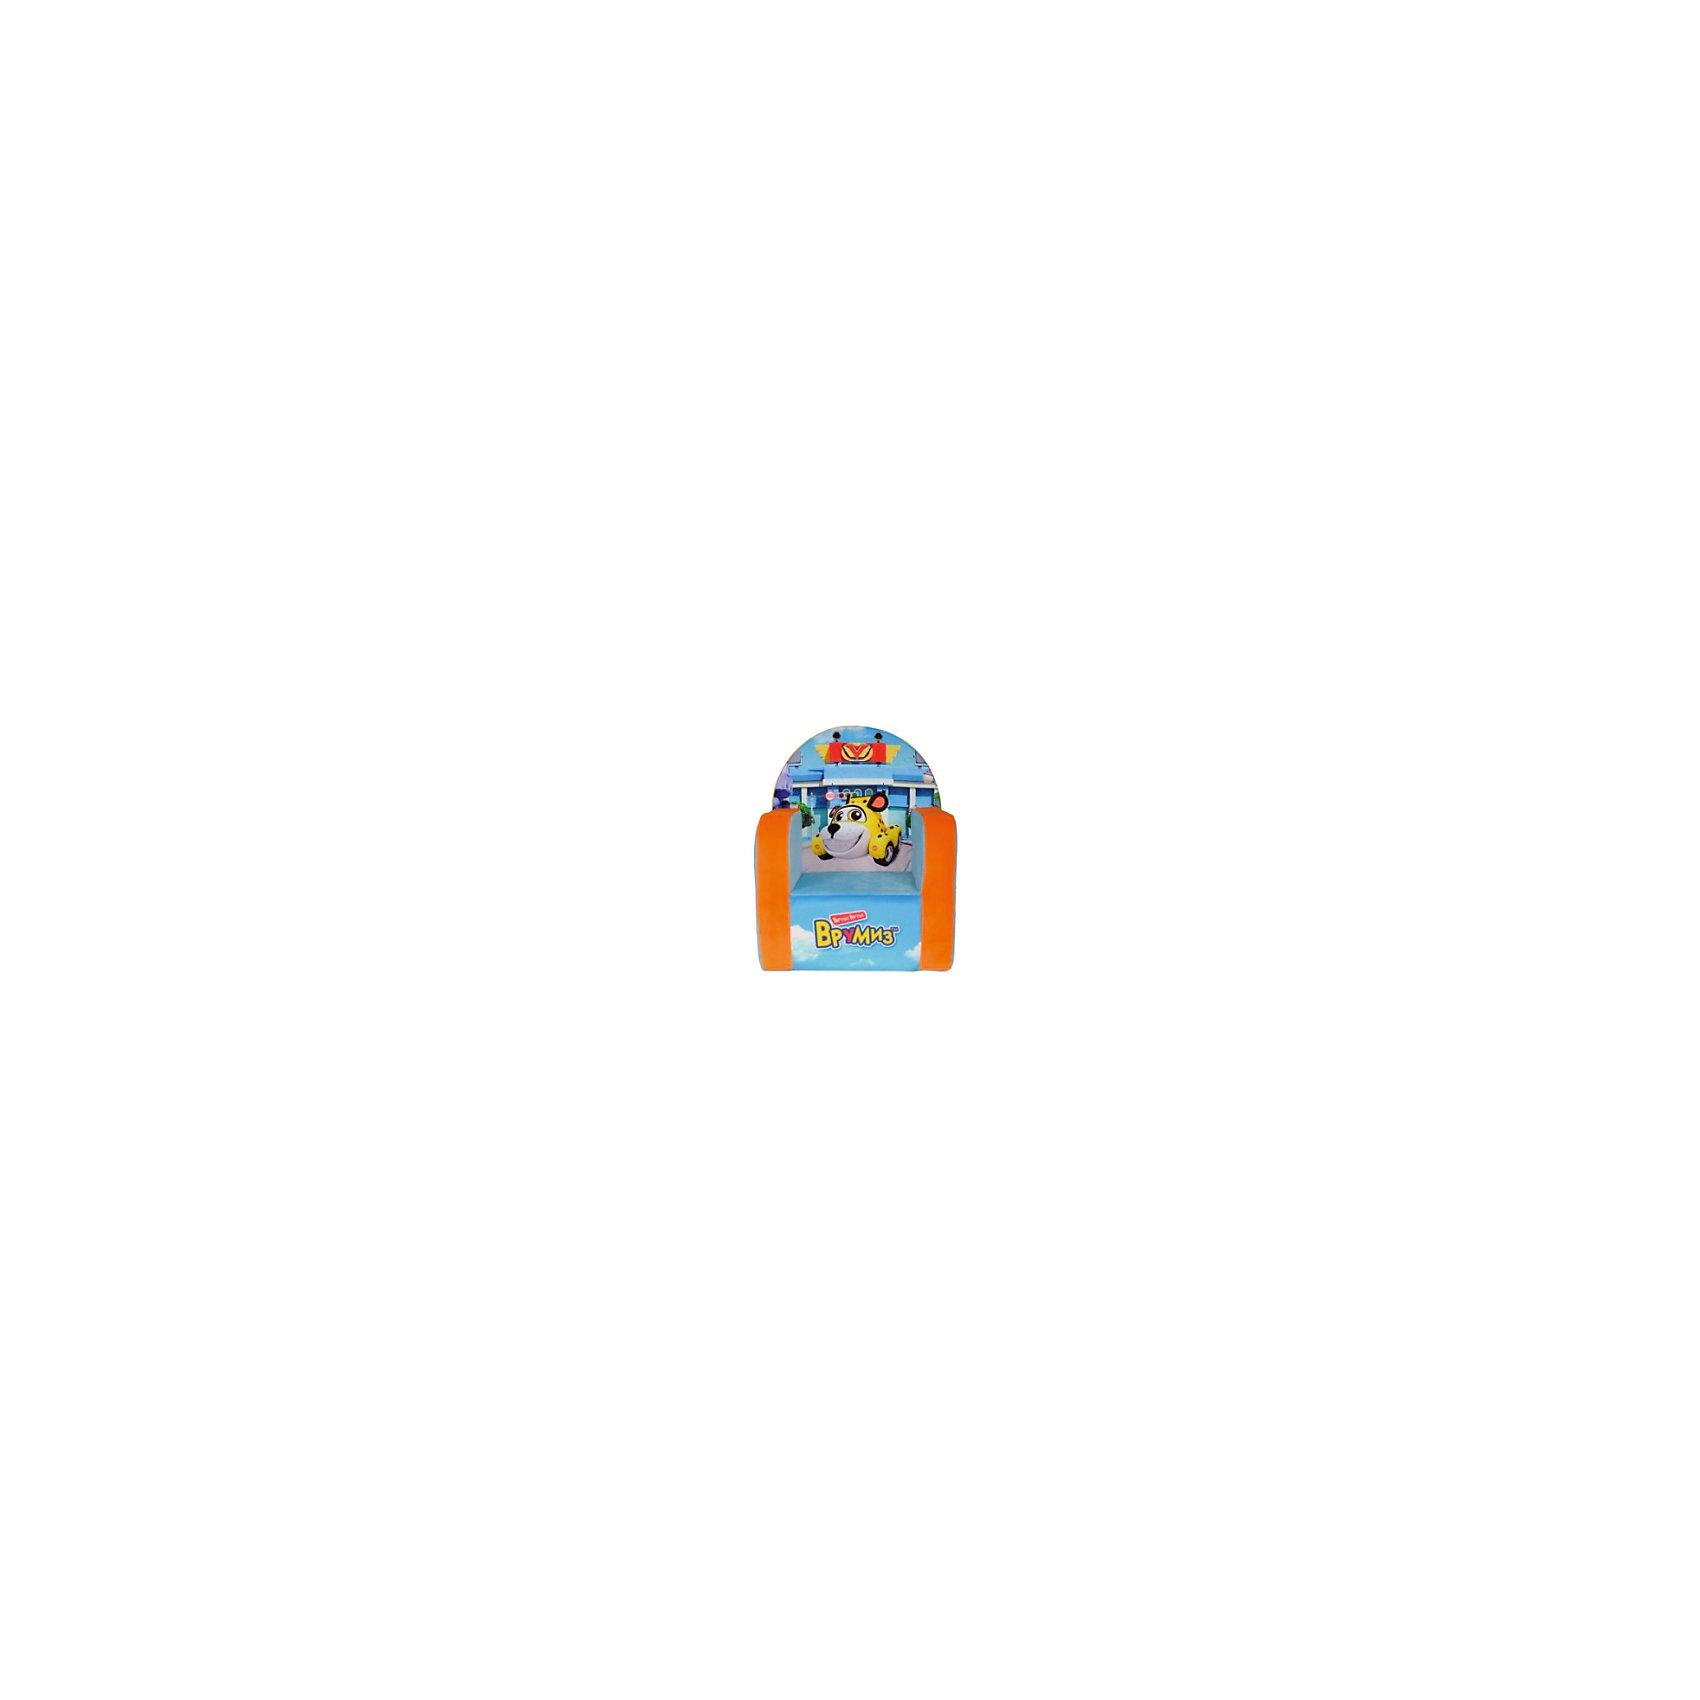 Кресло, Врумиз, голубойМебель<br>Характеристики:<br><br>• Материал верх: текстиль, 100% <br>• Материал наполнитель: поролон, 100%<br>• Коллекция: Врумиз<br>• Съемный чехол<br>• Повышенная устойчивость<br>• Эргономичная форма<br>• Вес: 1 кг 075 г<br>• Размеры (Д*Ш*В): 36*42*53 см<br>• Особенности ухода: сухая и влажная чистка<br><br>Кресло, Врумиз, голубой выполнено в классической форме, в качестве каркаса использован упругий поролон. Сверху имеется съемный чехол, на который нанесены сюжеты из мультфильма Врумиз. <br><br>Изображение не блекнет и не меняет цвета даже при длительном использовании и частых стирках. Мягкое кресло имеет широкое днище, за счет чего обеспечивается повышенная устойчивость. Подлокотники имеют округую форму.<br><br>Кресло, Врумиз, голубой можно купить в нашем интернет-магазине.<br><br>Ширина мм: 360<br>Глубина мм: 420<br>Высота мм: 530<br>Вес г: 1075<br>Возраст от месяцев: 36<br>Возраст до месяцев: 1188<br>Пол: Мужской<br>Возраст: Детский<br>SKU: 6727941